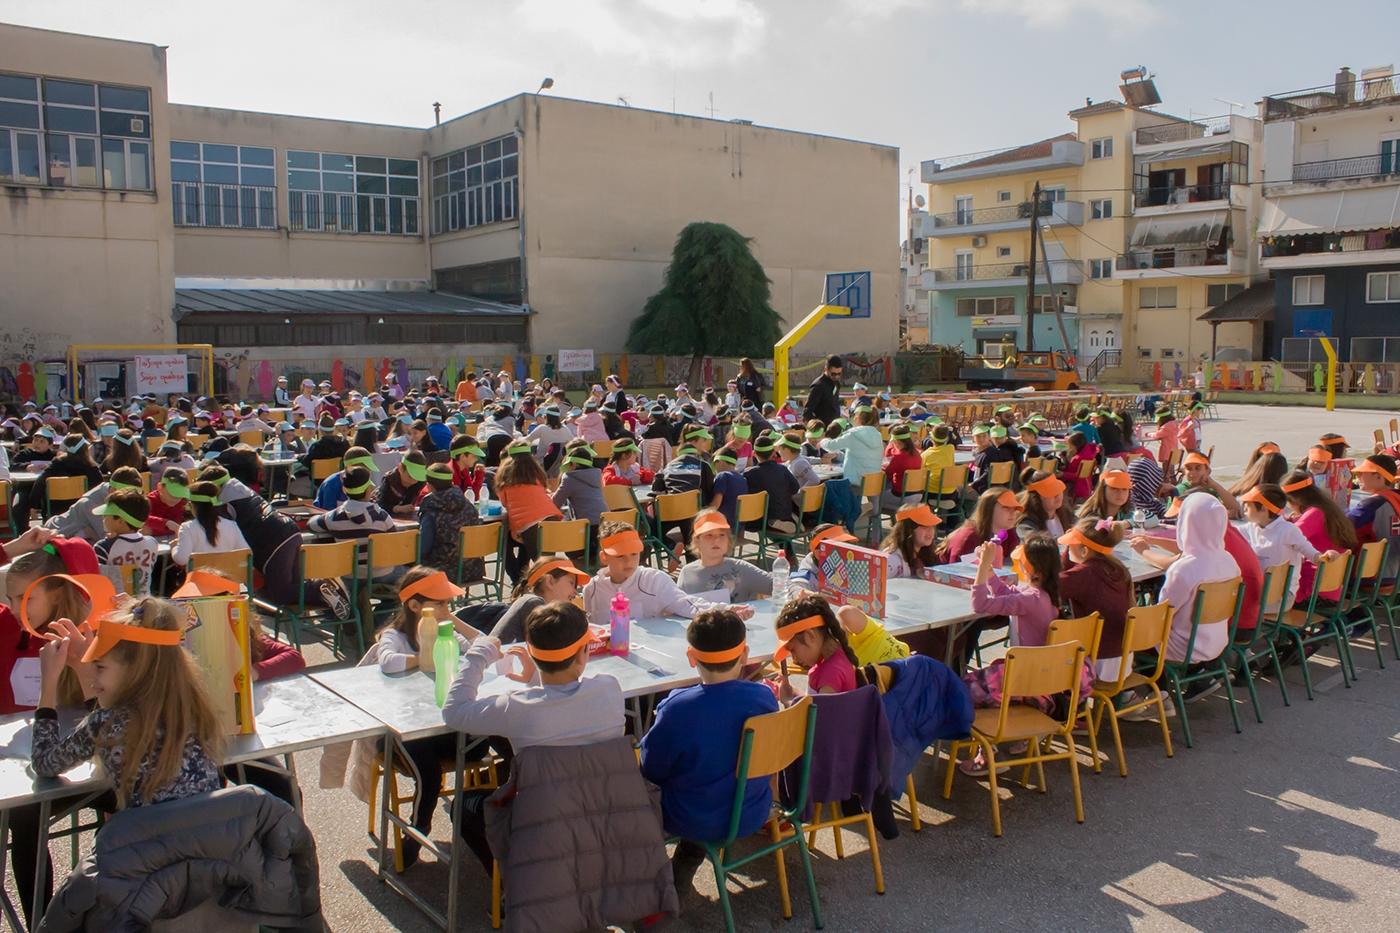 Μαθητές δημοτικού από τη Δράμα στα Ρεκόρ Γκίνες για τον μεγαλύτερο «Γκρινιάρη»